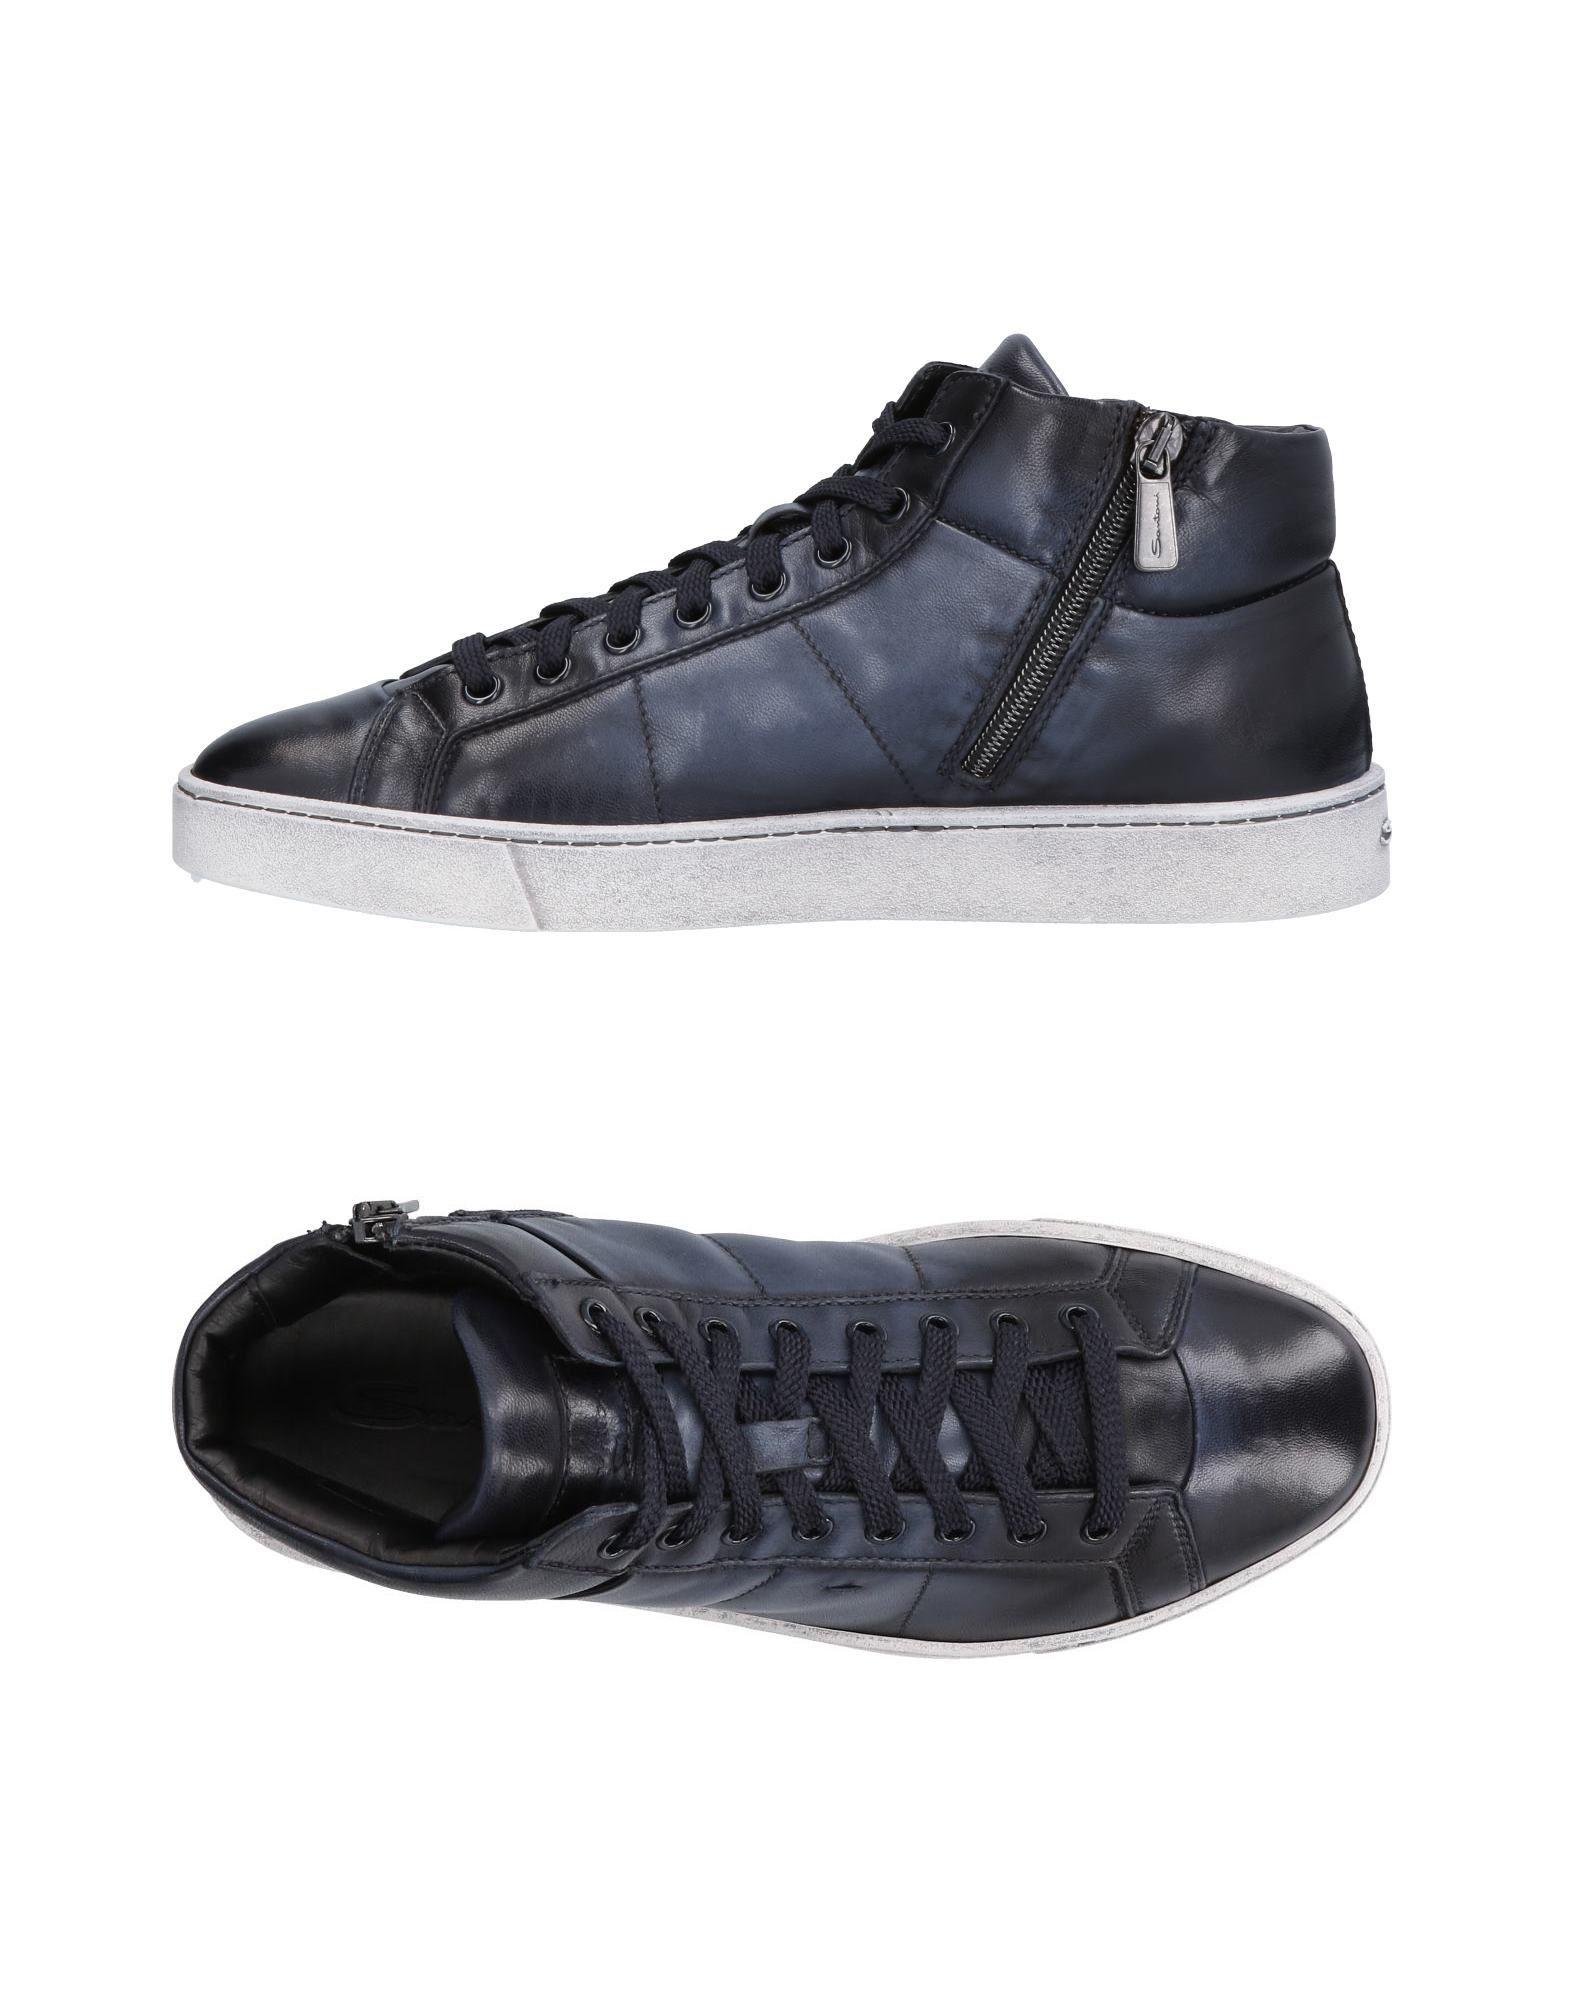 Santoni Sneakers Herren  11486885MU Gute Qualität beliebte Schuhe